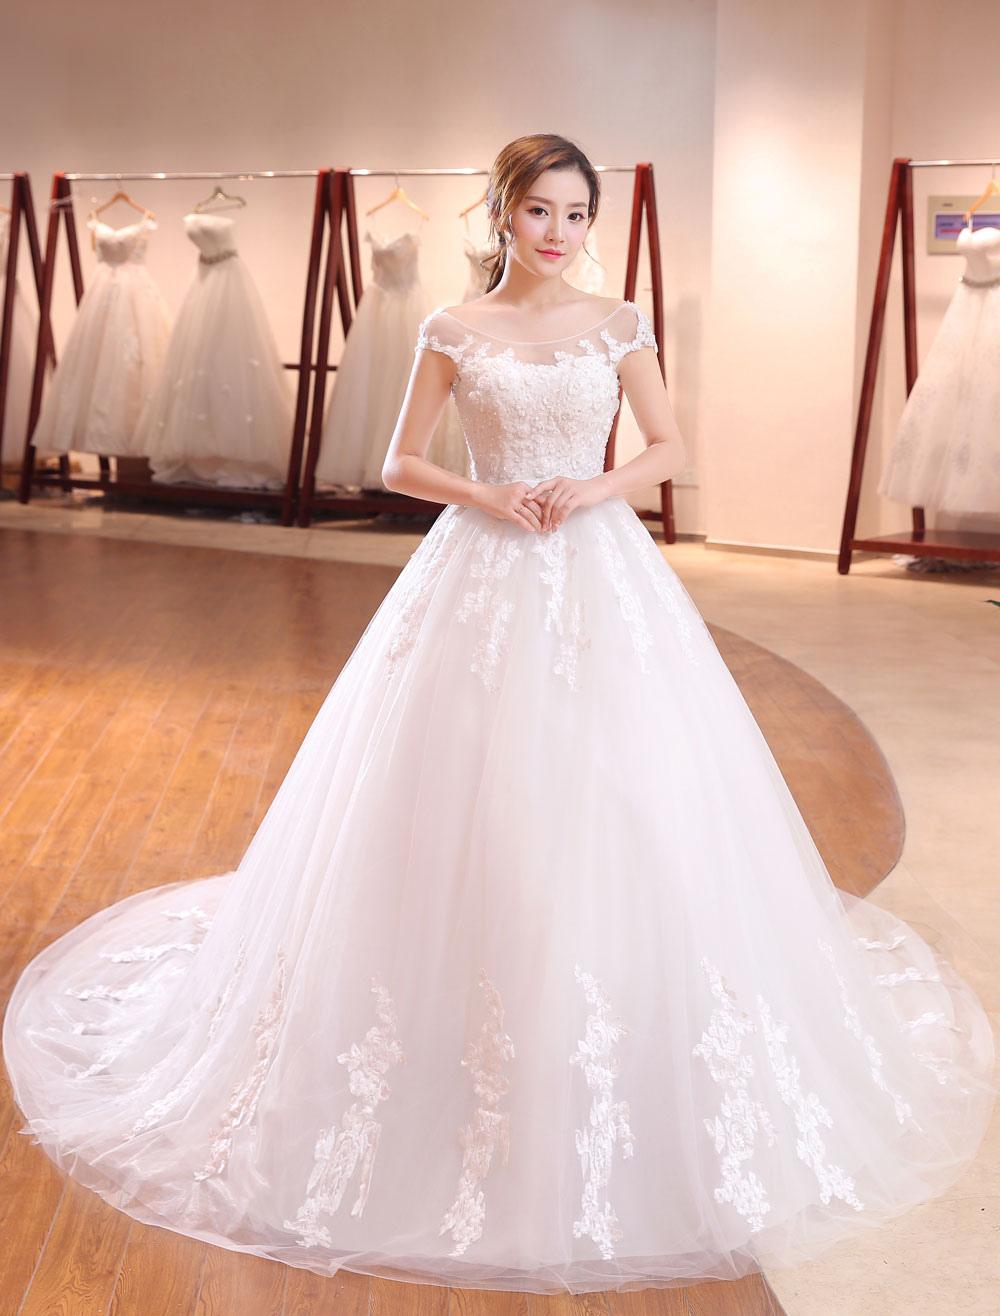 d7a8cef44 Vestido de novia princesa con escote ovalado De banda de encaje con ...